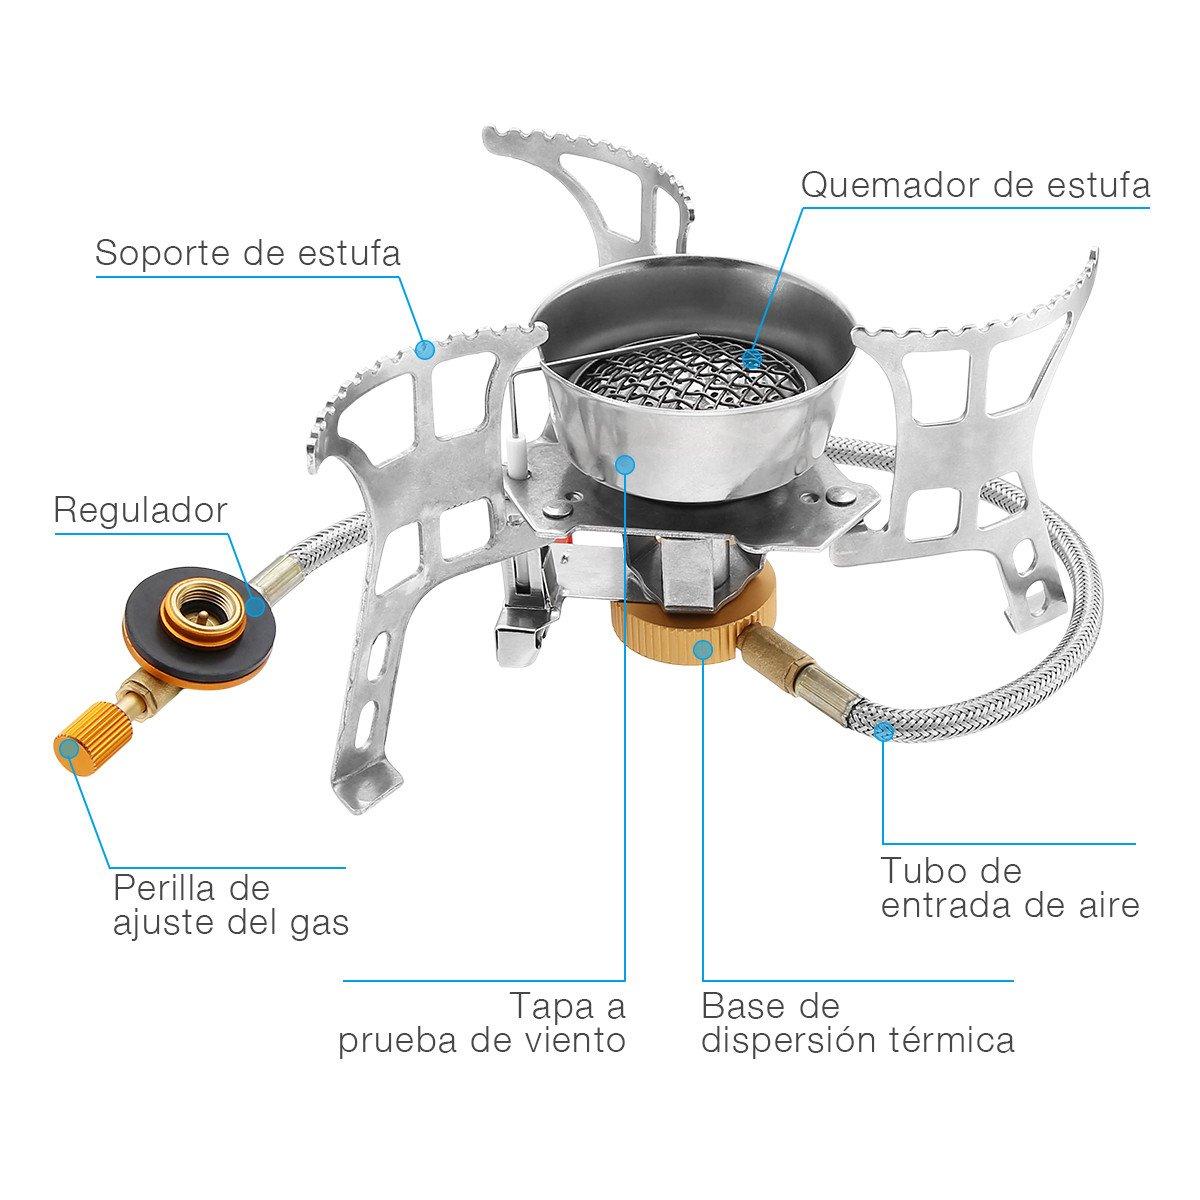 isYoung Estufa de Gas Quemador Hornillo Camping de Butano Horno de Split Plegable Portátil A Prueba de Viento Cocinar Al Aire Libre para Cocina de Camping ...